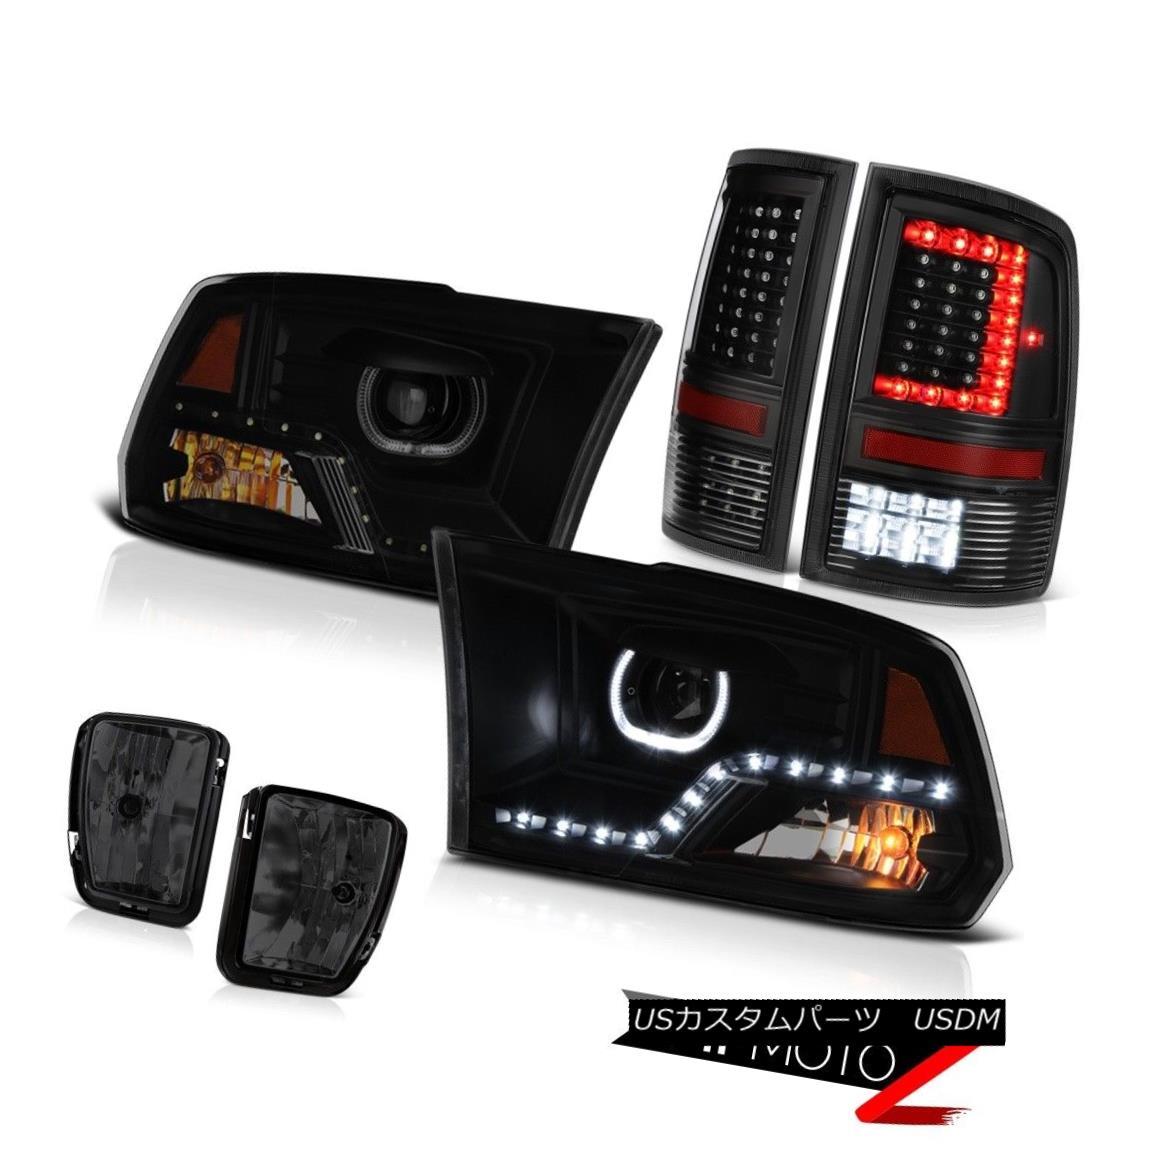 ヘッドライト 13-18 Dodge RAM 1500 Raven Black Led Tail Lights Head Lamp Smokey Driving SET 13-18 Dodge RAM 1500 Raven Black LedテールライトヘッドランプSmokey Driving SET